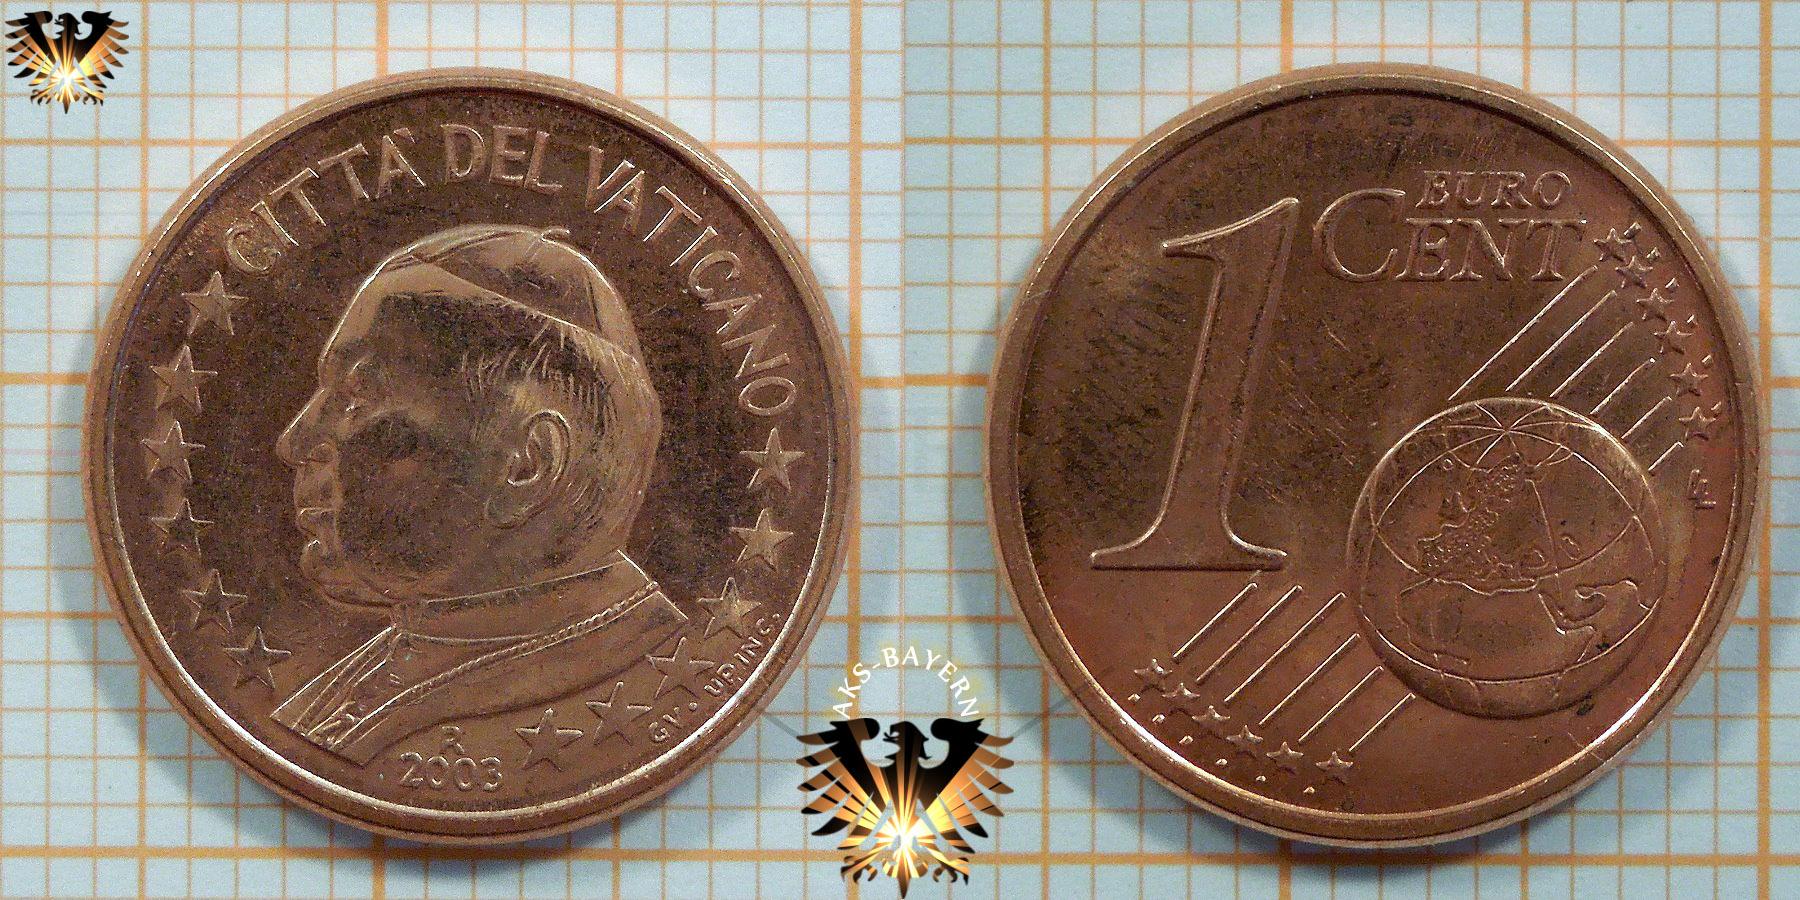 1 Euro Cent Münze Vatikan 2003 Citta Del Vaticano Johannes Paul Ii